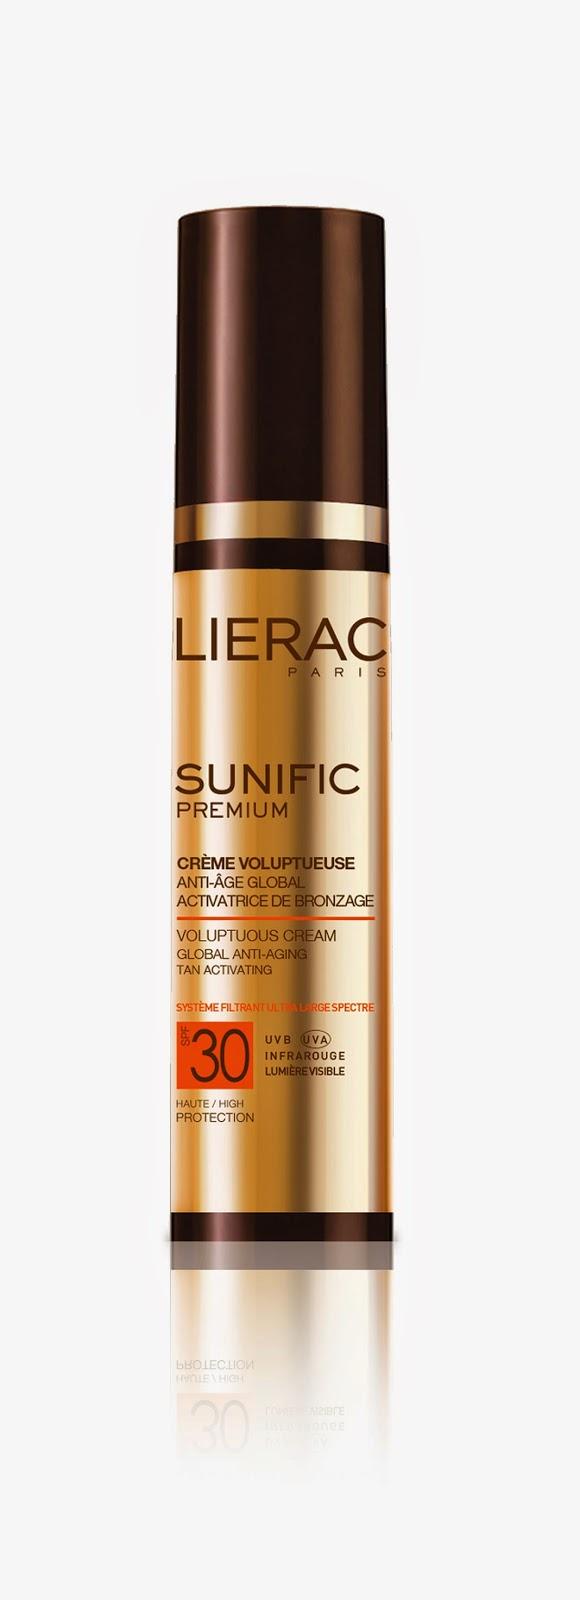 1ef0c-sunific_premium_spf30_lierac